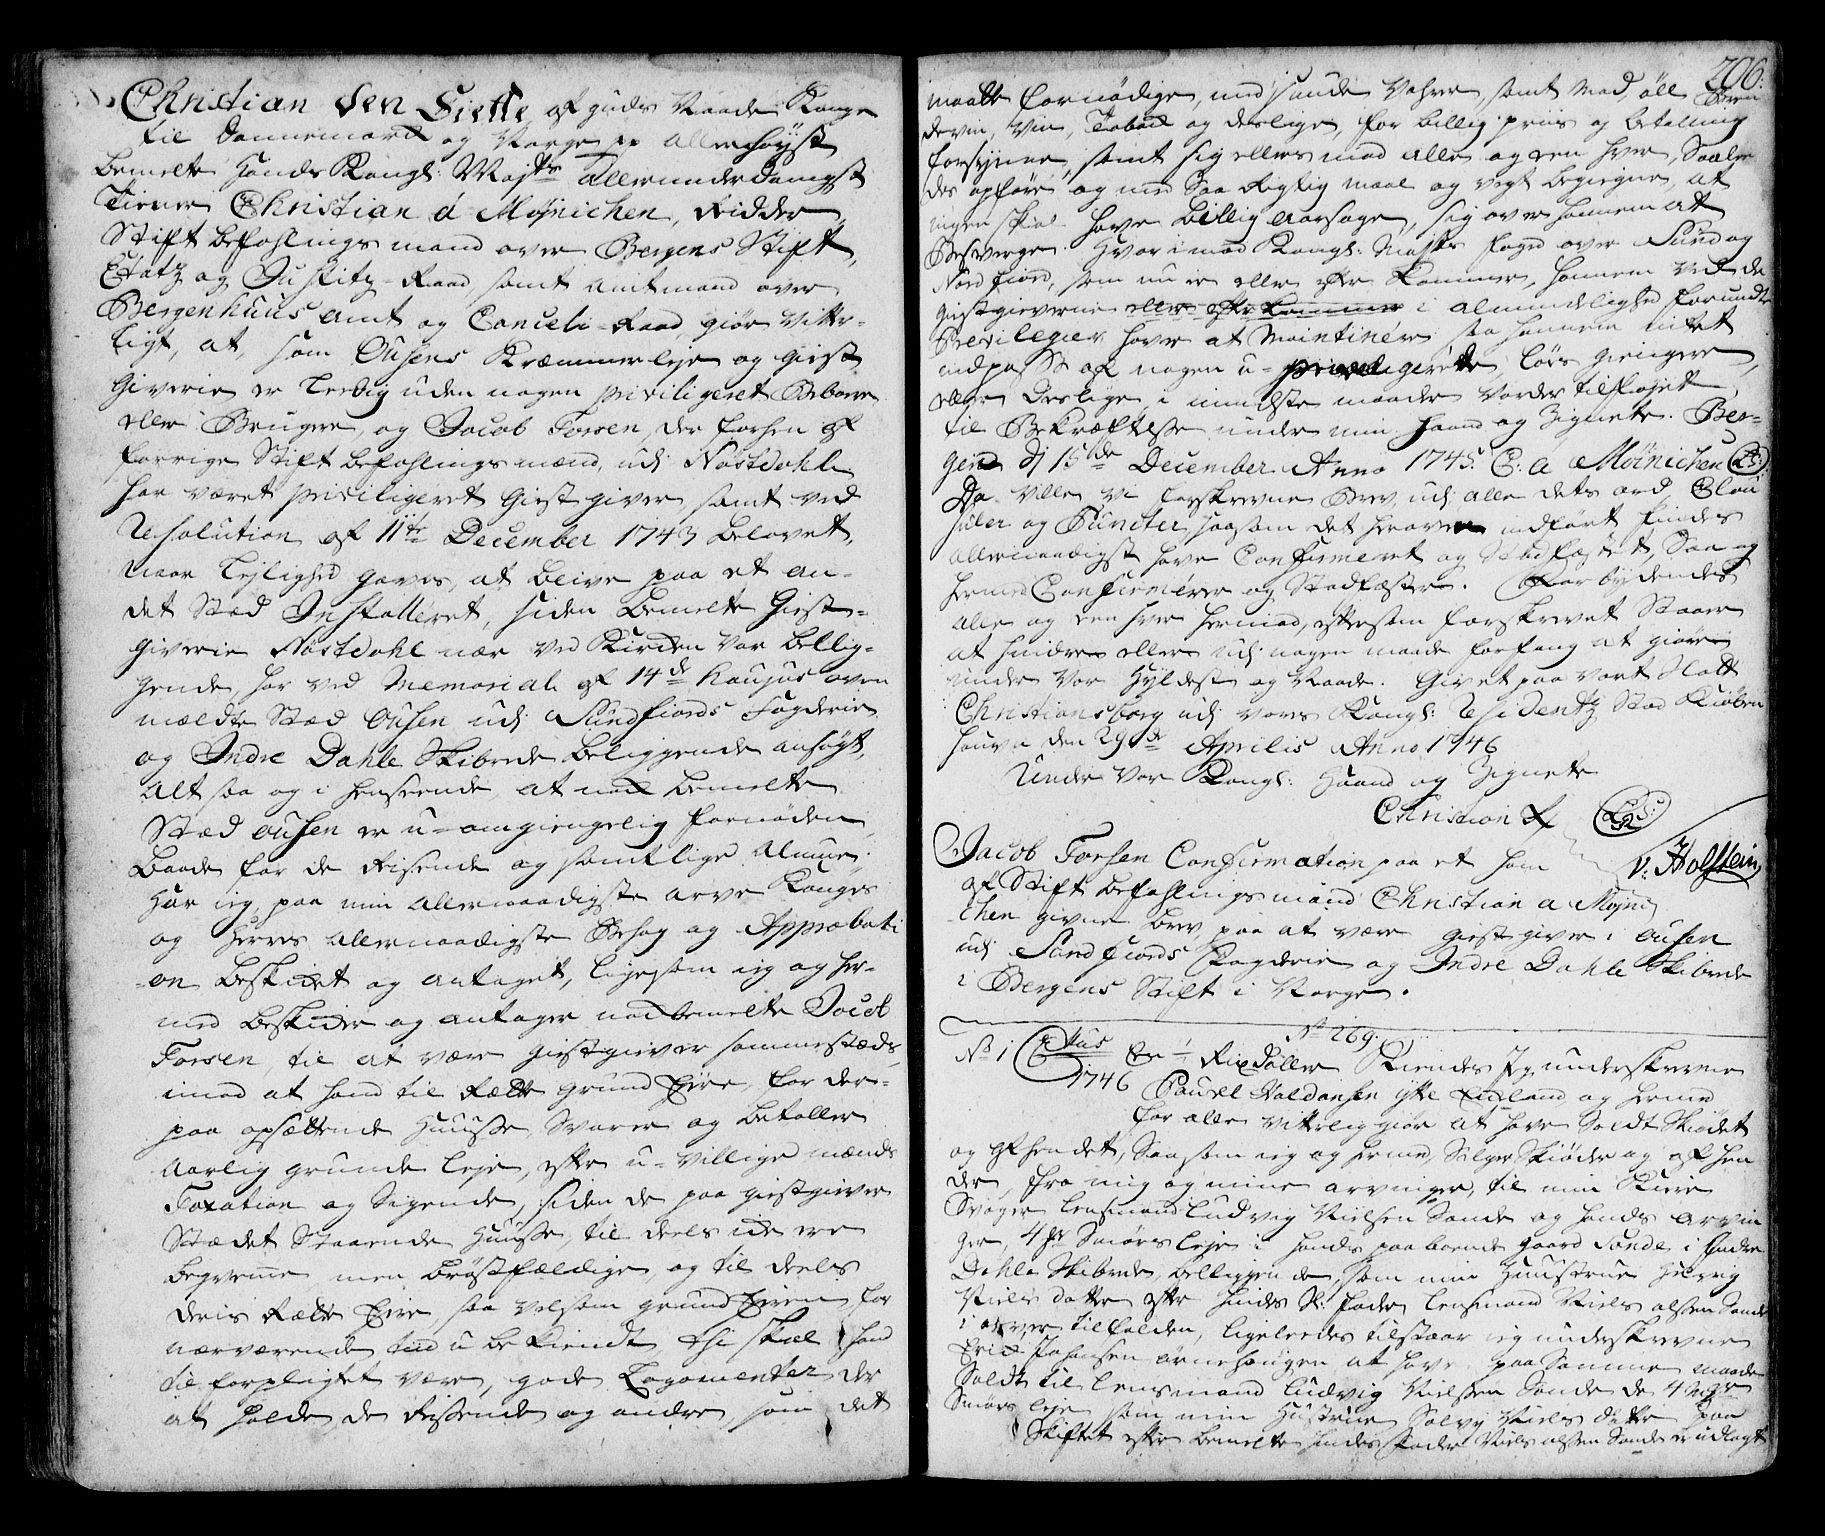 SAB, Sunnfjord tingrett, G/Gb/Gba/L0002a: Pantebok nr. II.B.2a, 1732-1762, s. 206